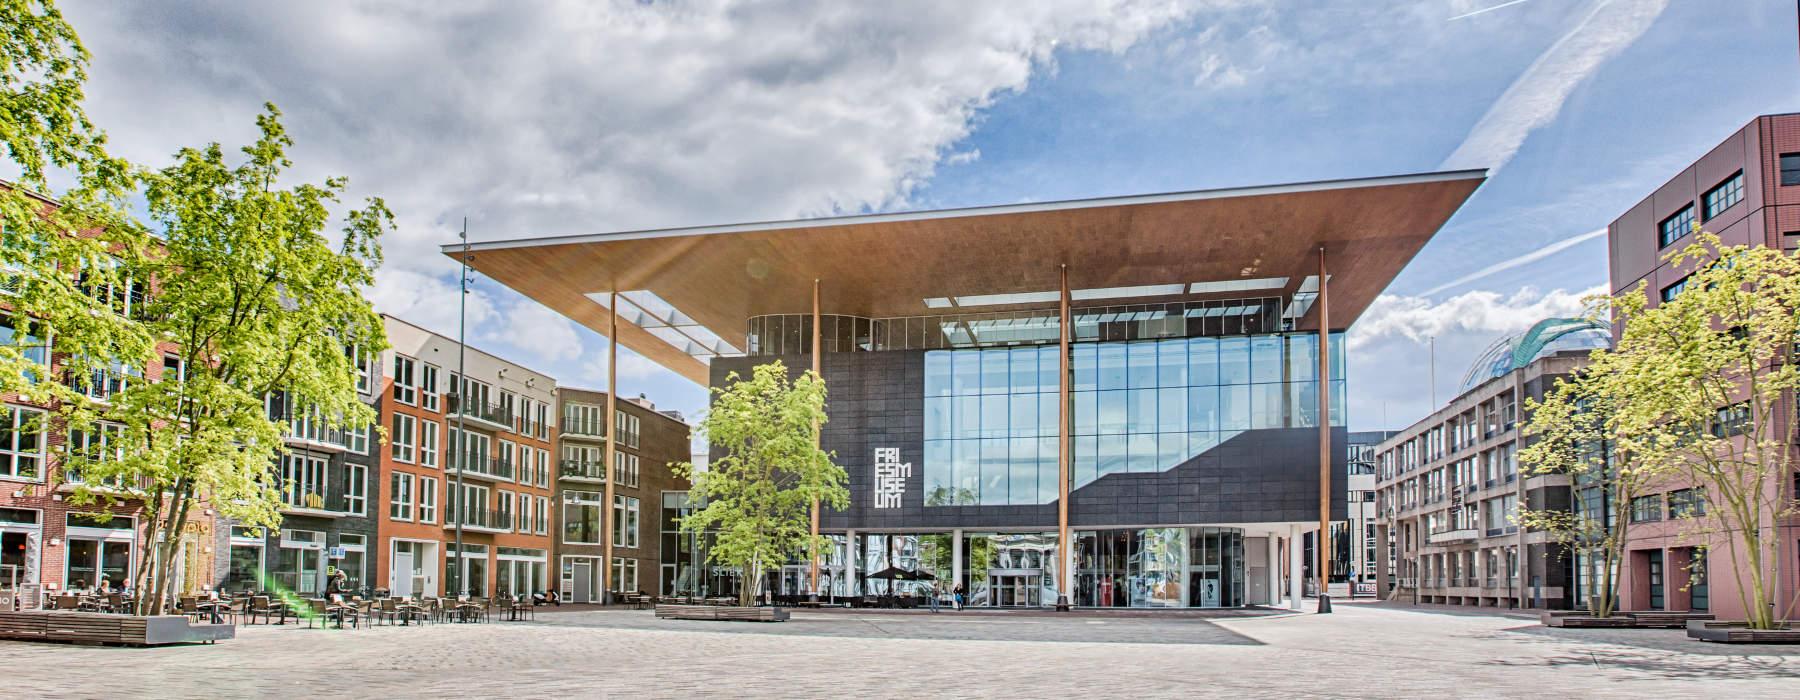 FNP nijs gemeente ljouwert 2 friesmuseum